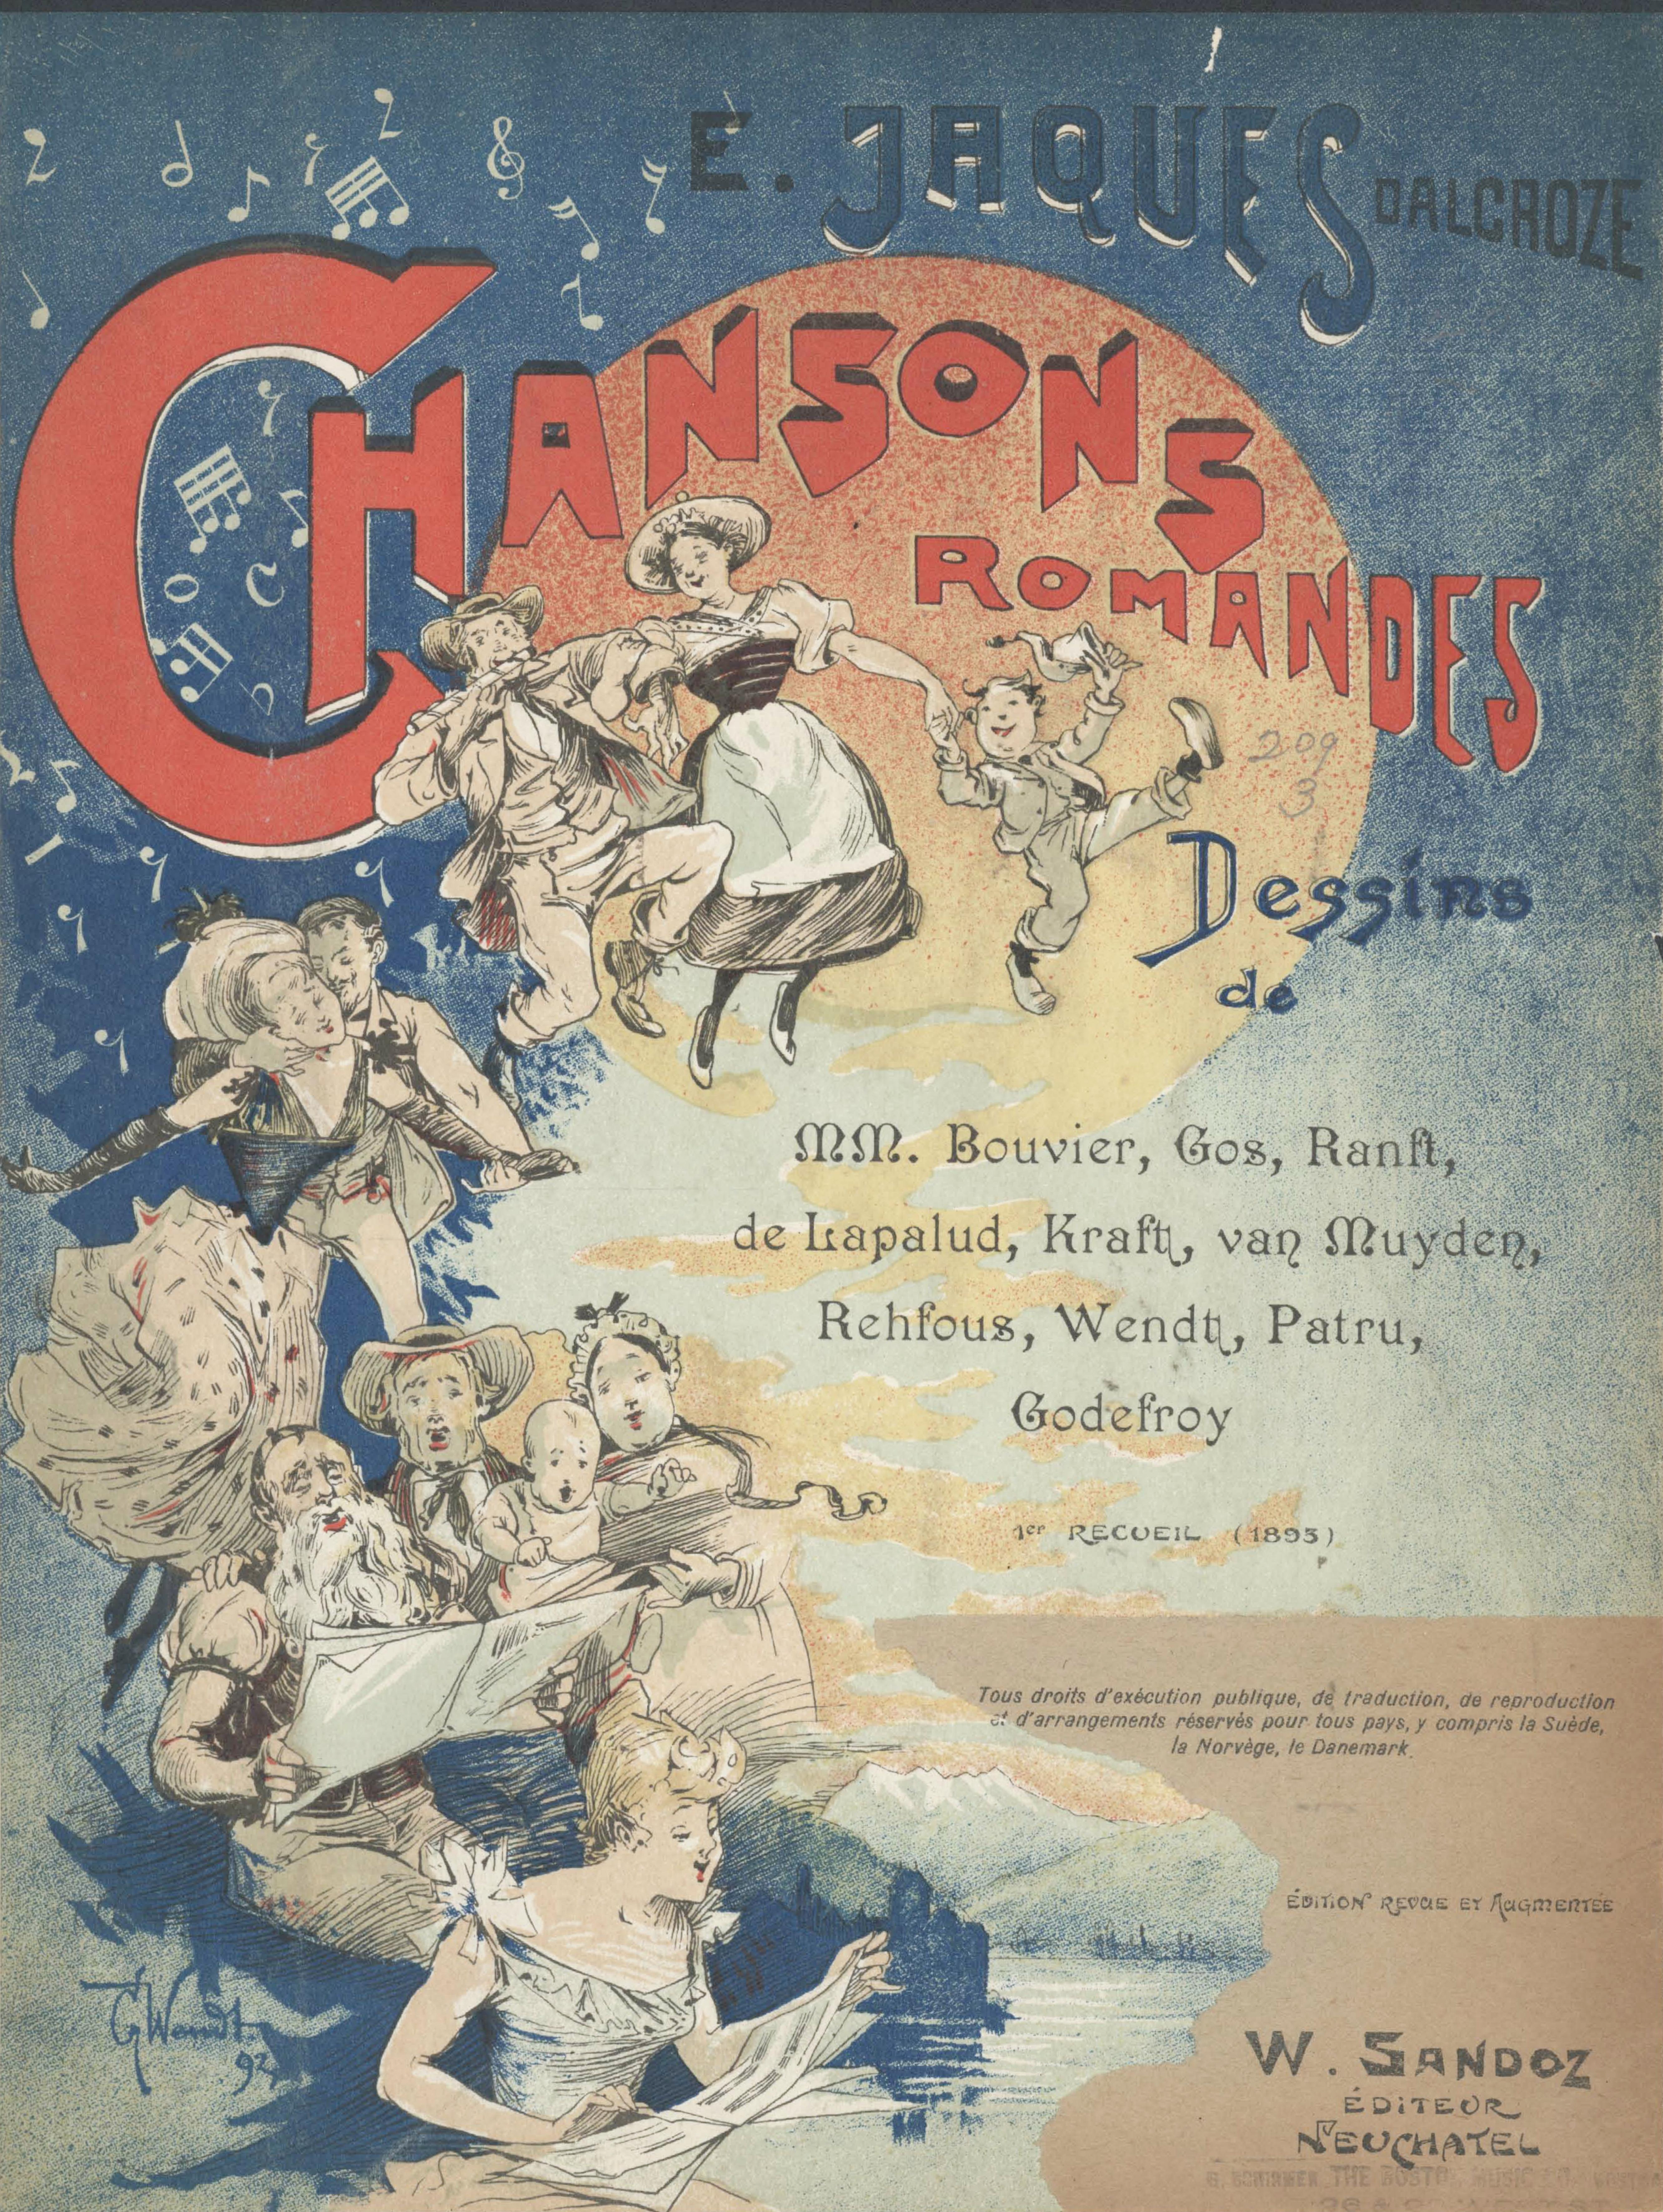 1ère page du recueil de Chansons Romandes, W. Sandoz, Neuchâtel, ca.1910, avec des illustrations de M.M. Bouvier, Gos, Ranft, de Lapalud, Kraft, van Muyden, Rehfous, Wendt, Patru, Godefroy, Ph. Dürr, cité de https://imslp.org/wiki/Chansons_romandes_(Jaques-Dalcroze%2C_Emile), IMSLP